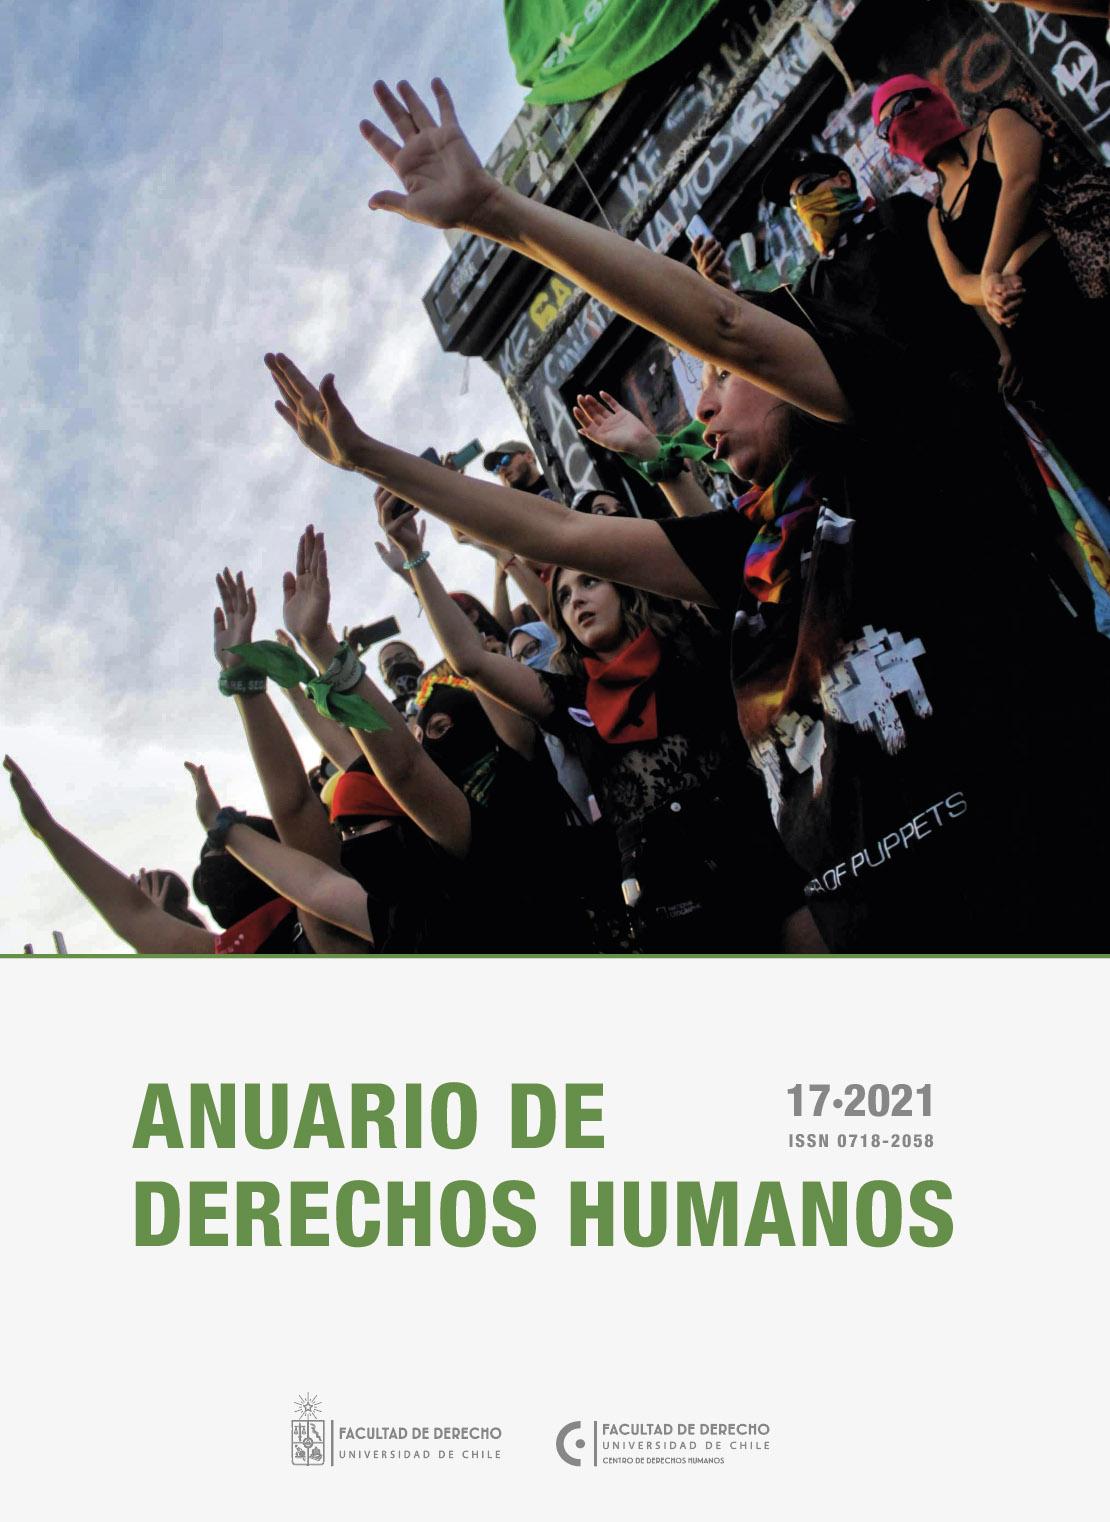 Anuario de Derechos Humanos Volumen 17 Número 1